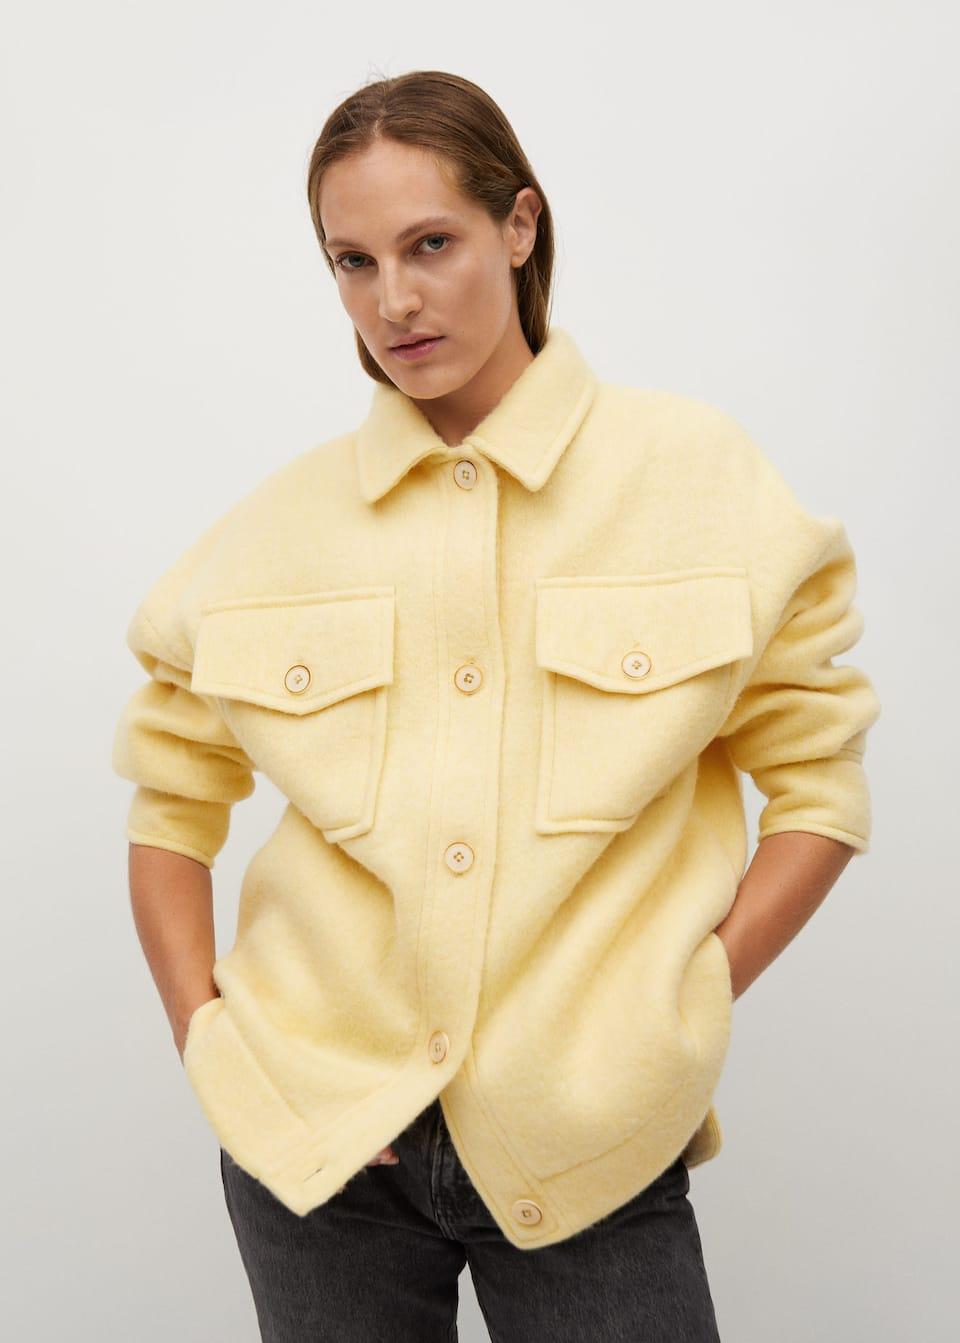 Knitted oversize jacket - Medium plane mango